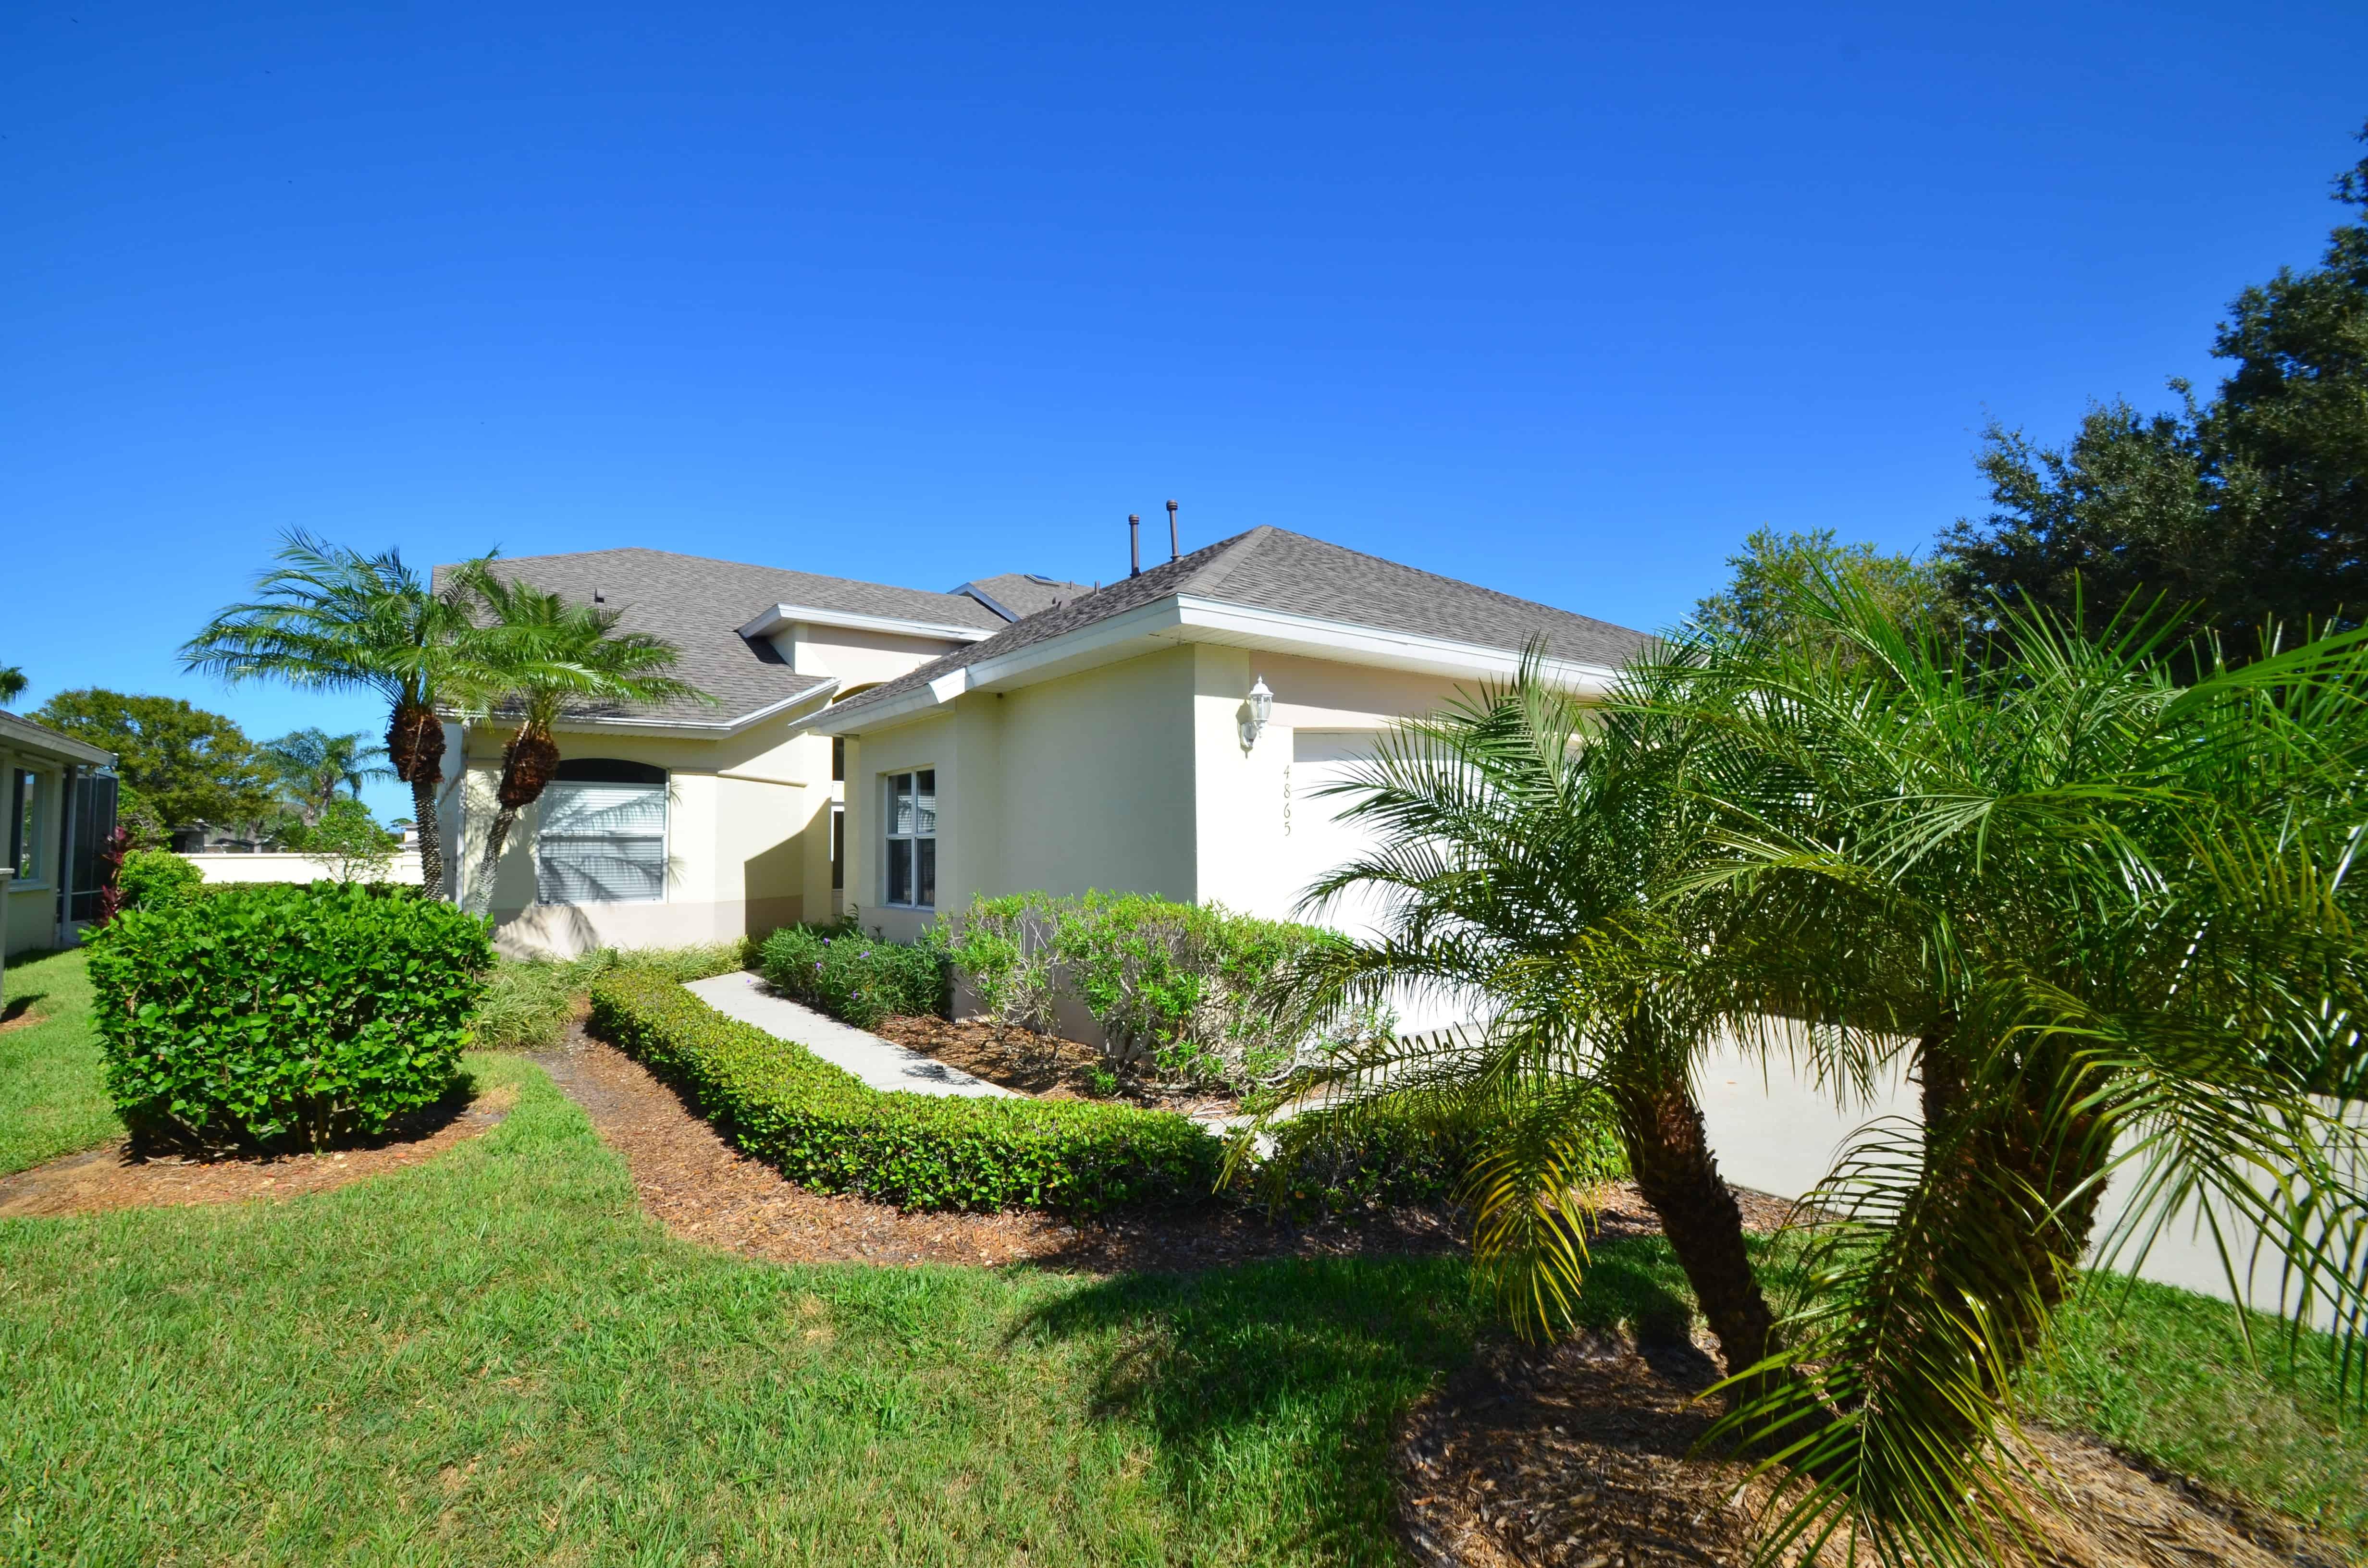 SOLD – 4865 Bren Court, Rockledge, FL 32955 – $174,900